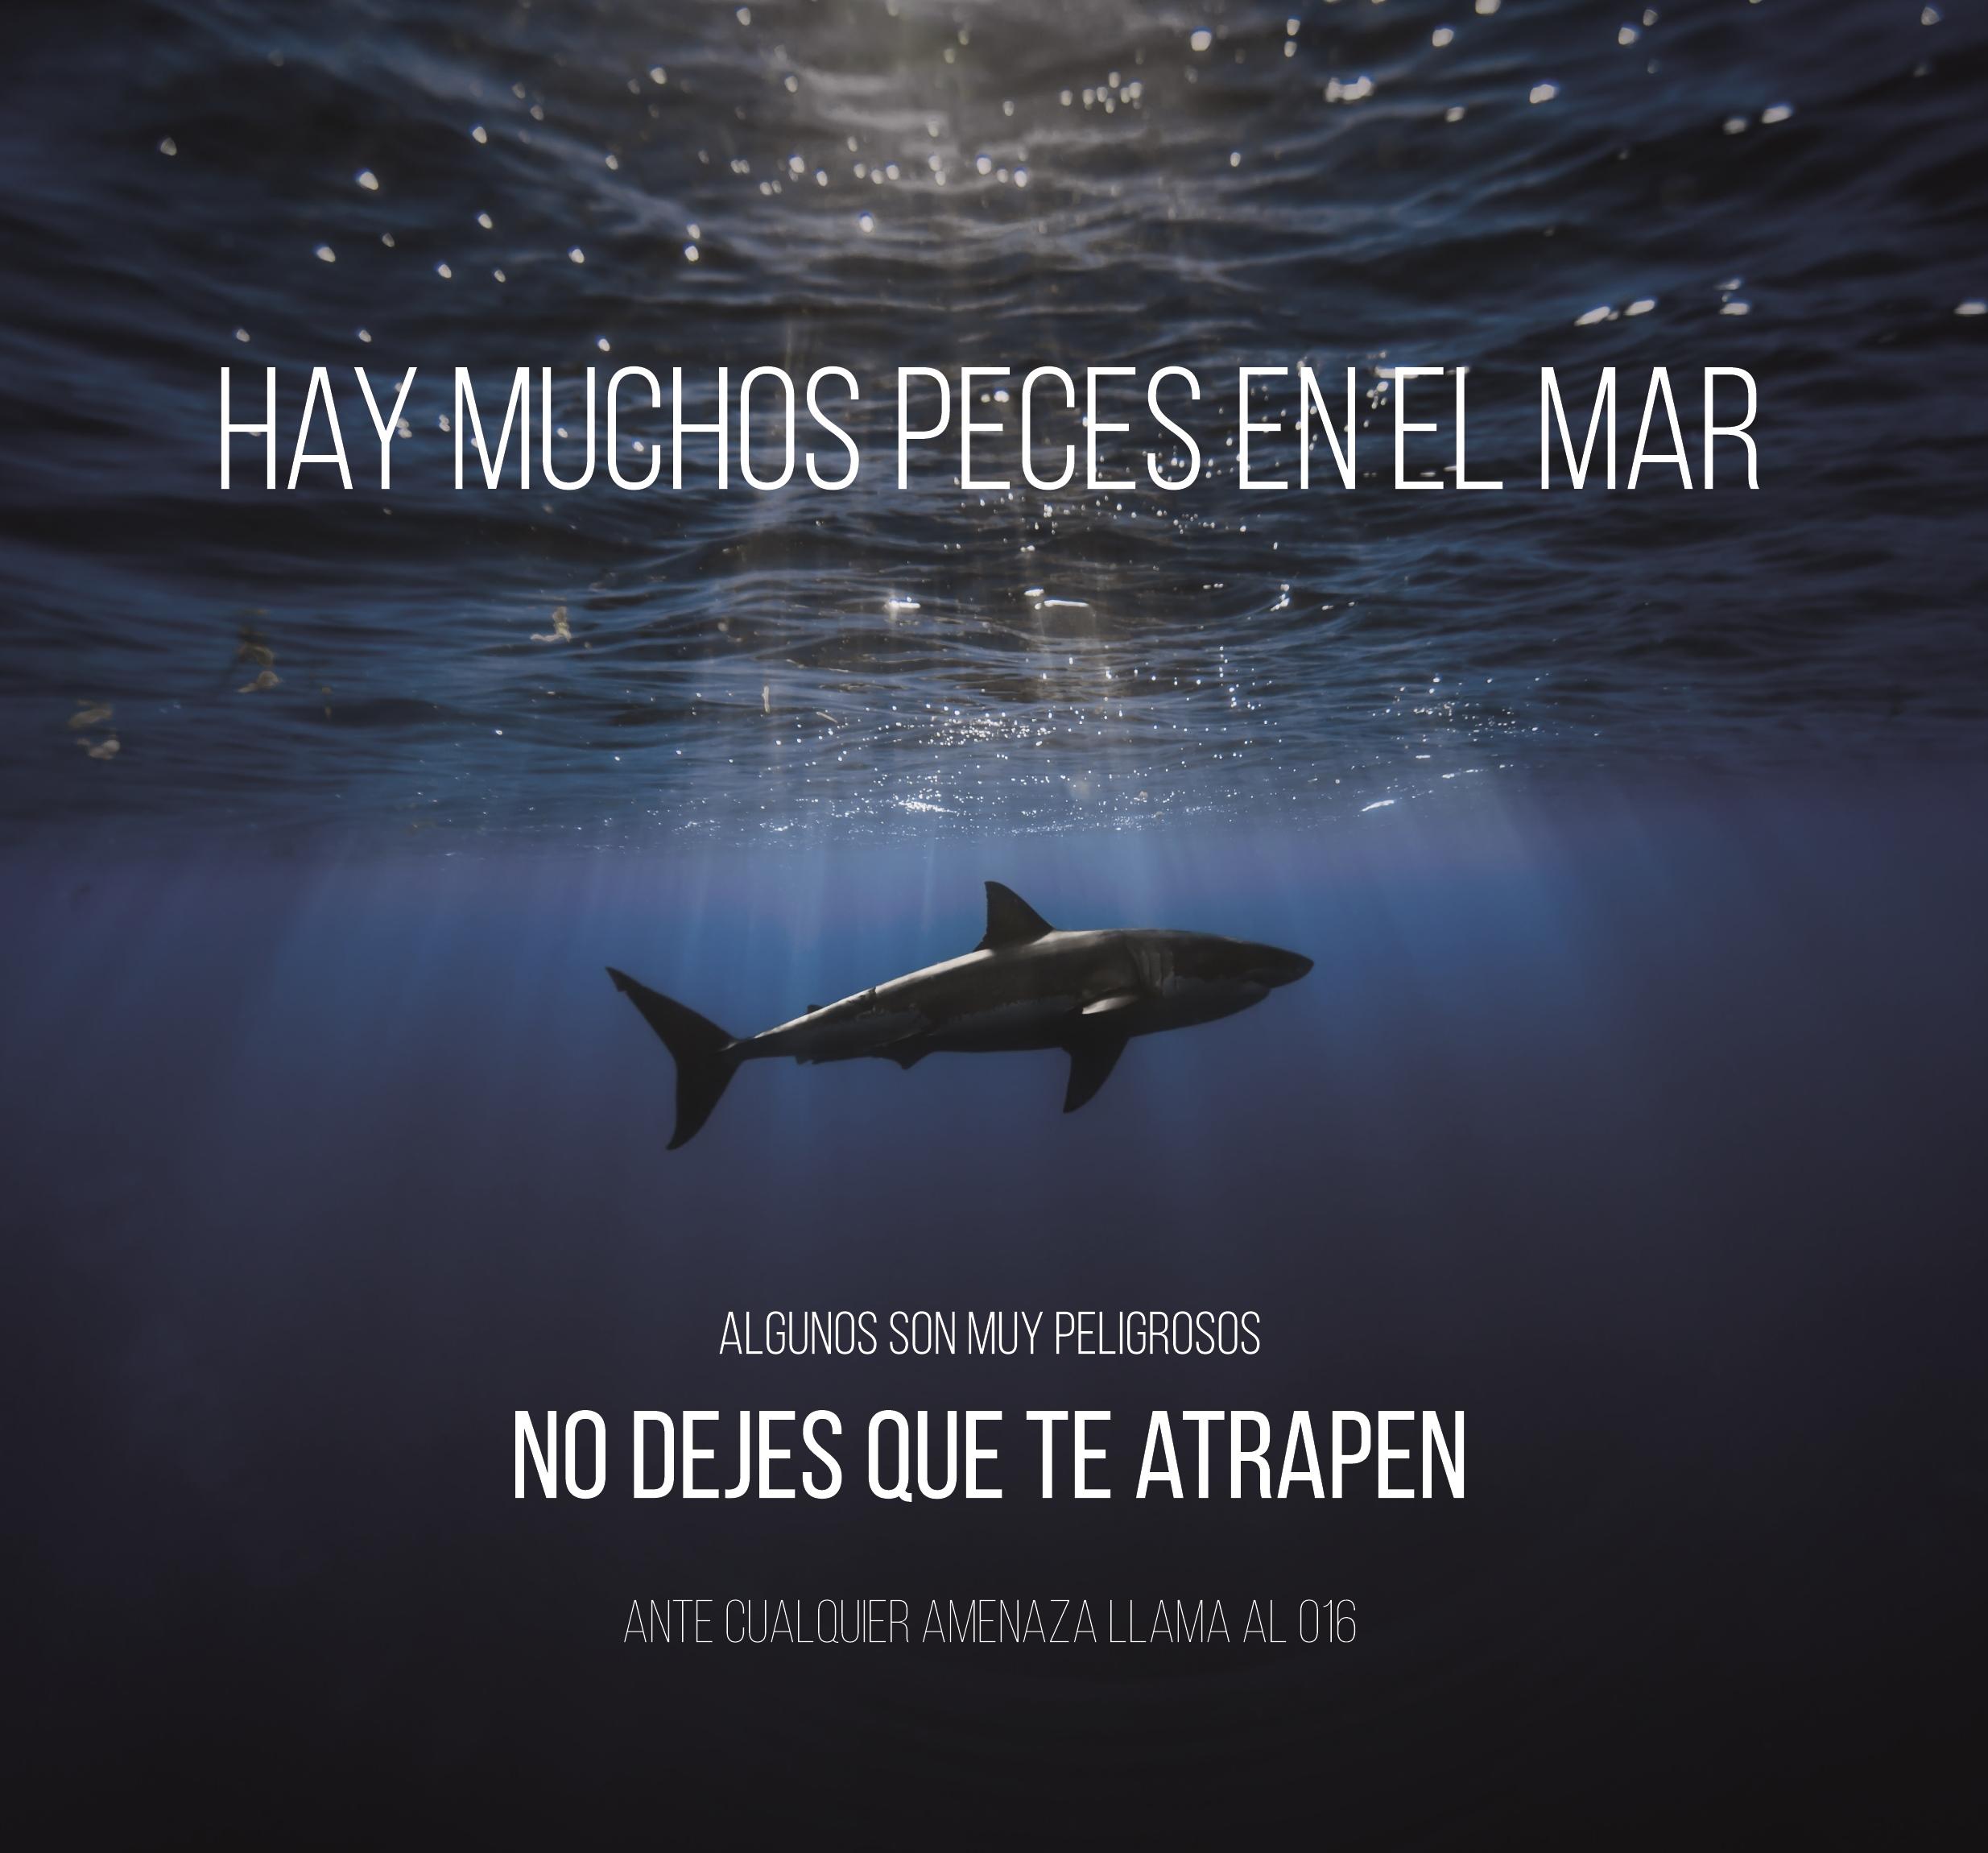 hay_muchos_peces_en_el_mar